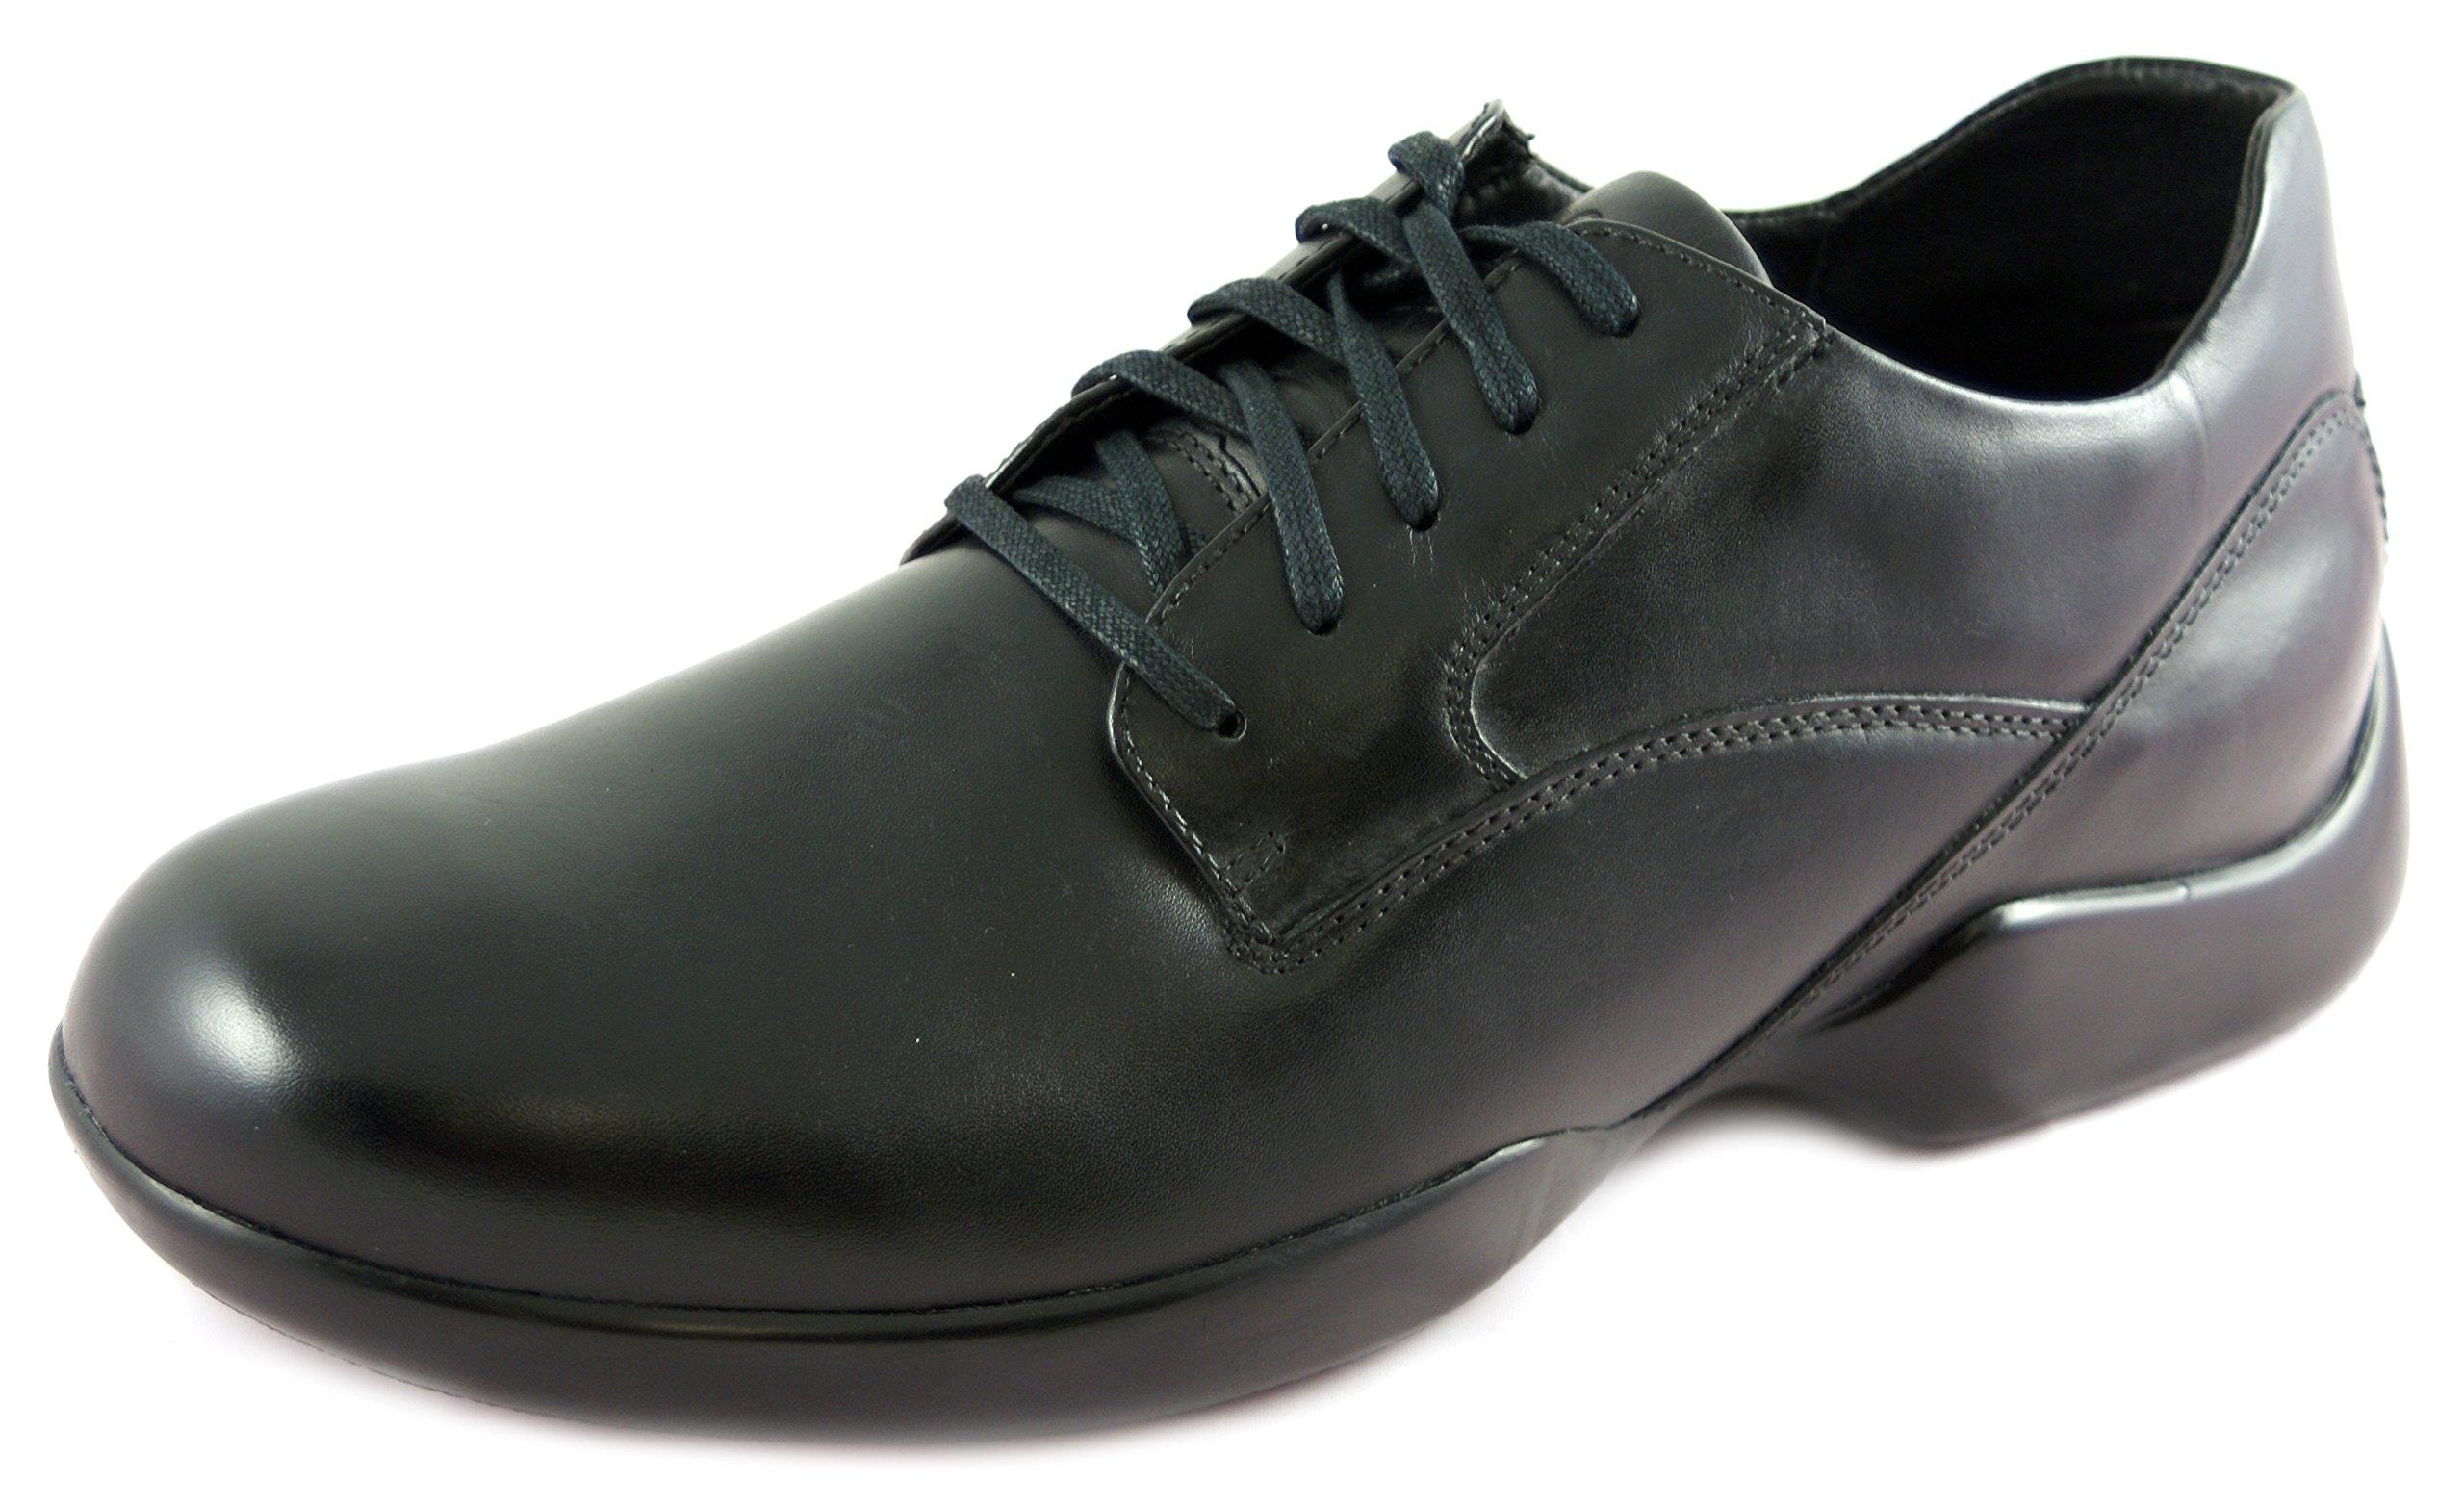 DiaResc Men's Lace-Up Plain Toe Diabetic Shoes Orthotic Comfort Shoes Pain Releif (11W)